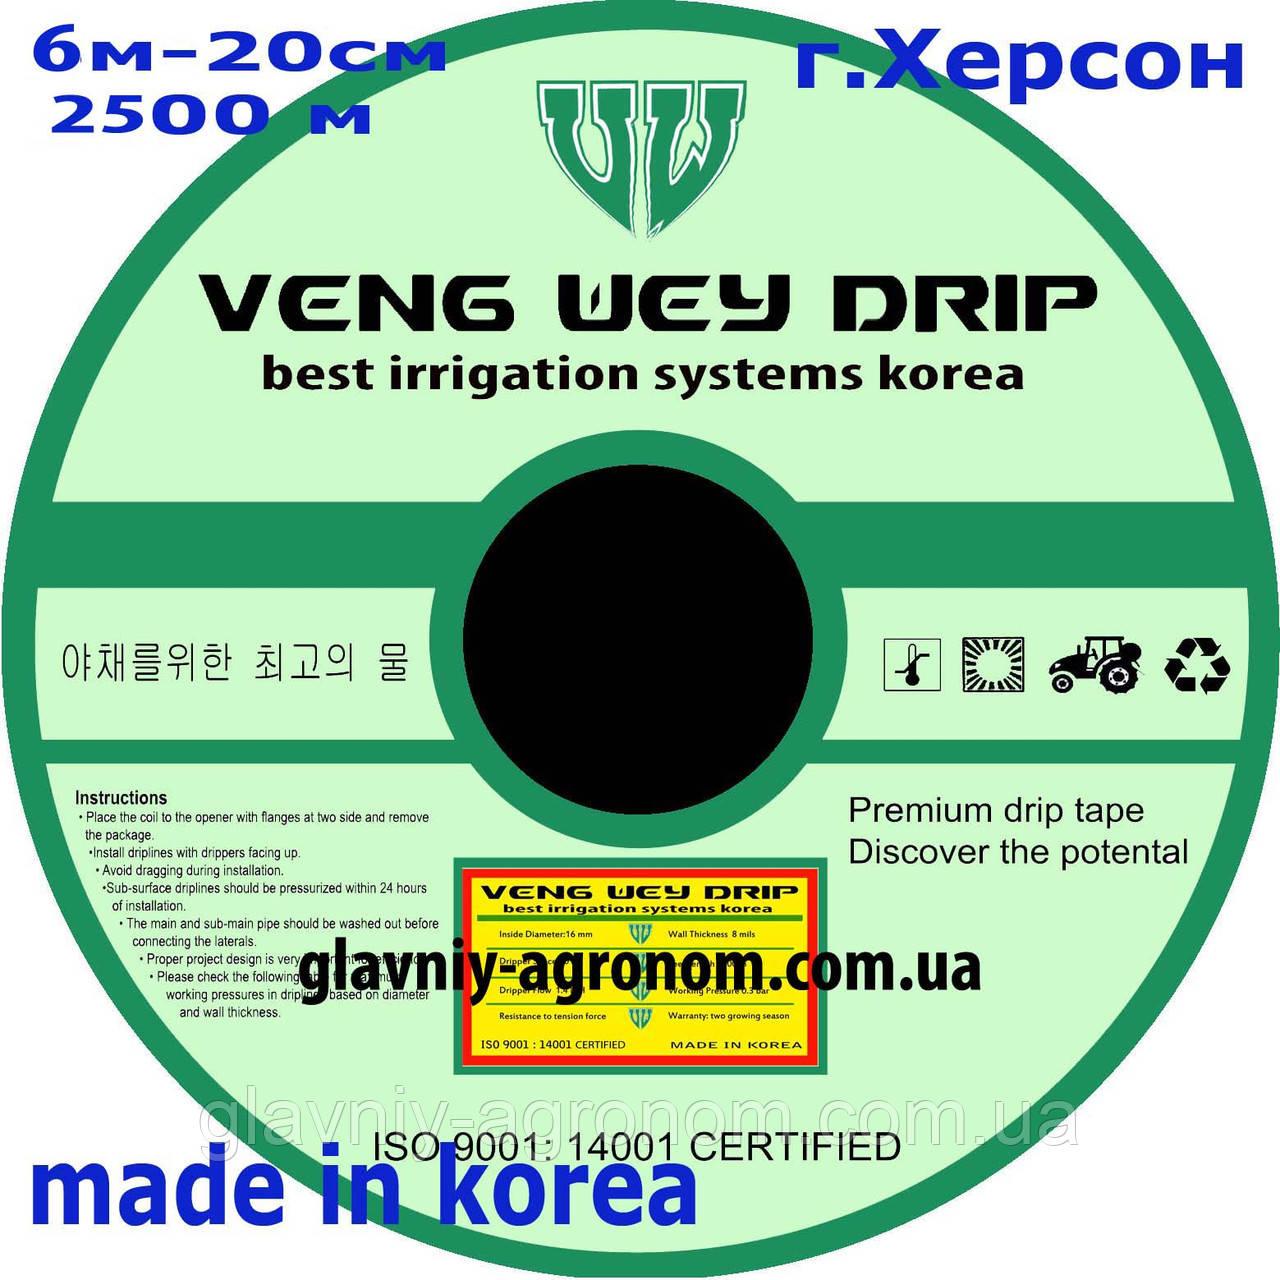 Крапельна стрічка п-во Корея Veng Wey Drip п-во Корея 8mil через 20 см, 2500 м